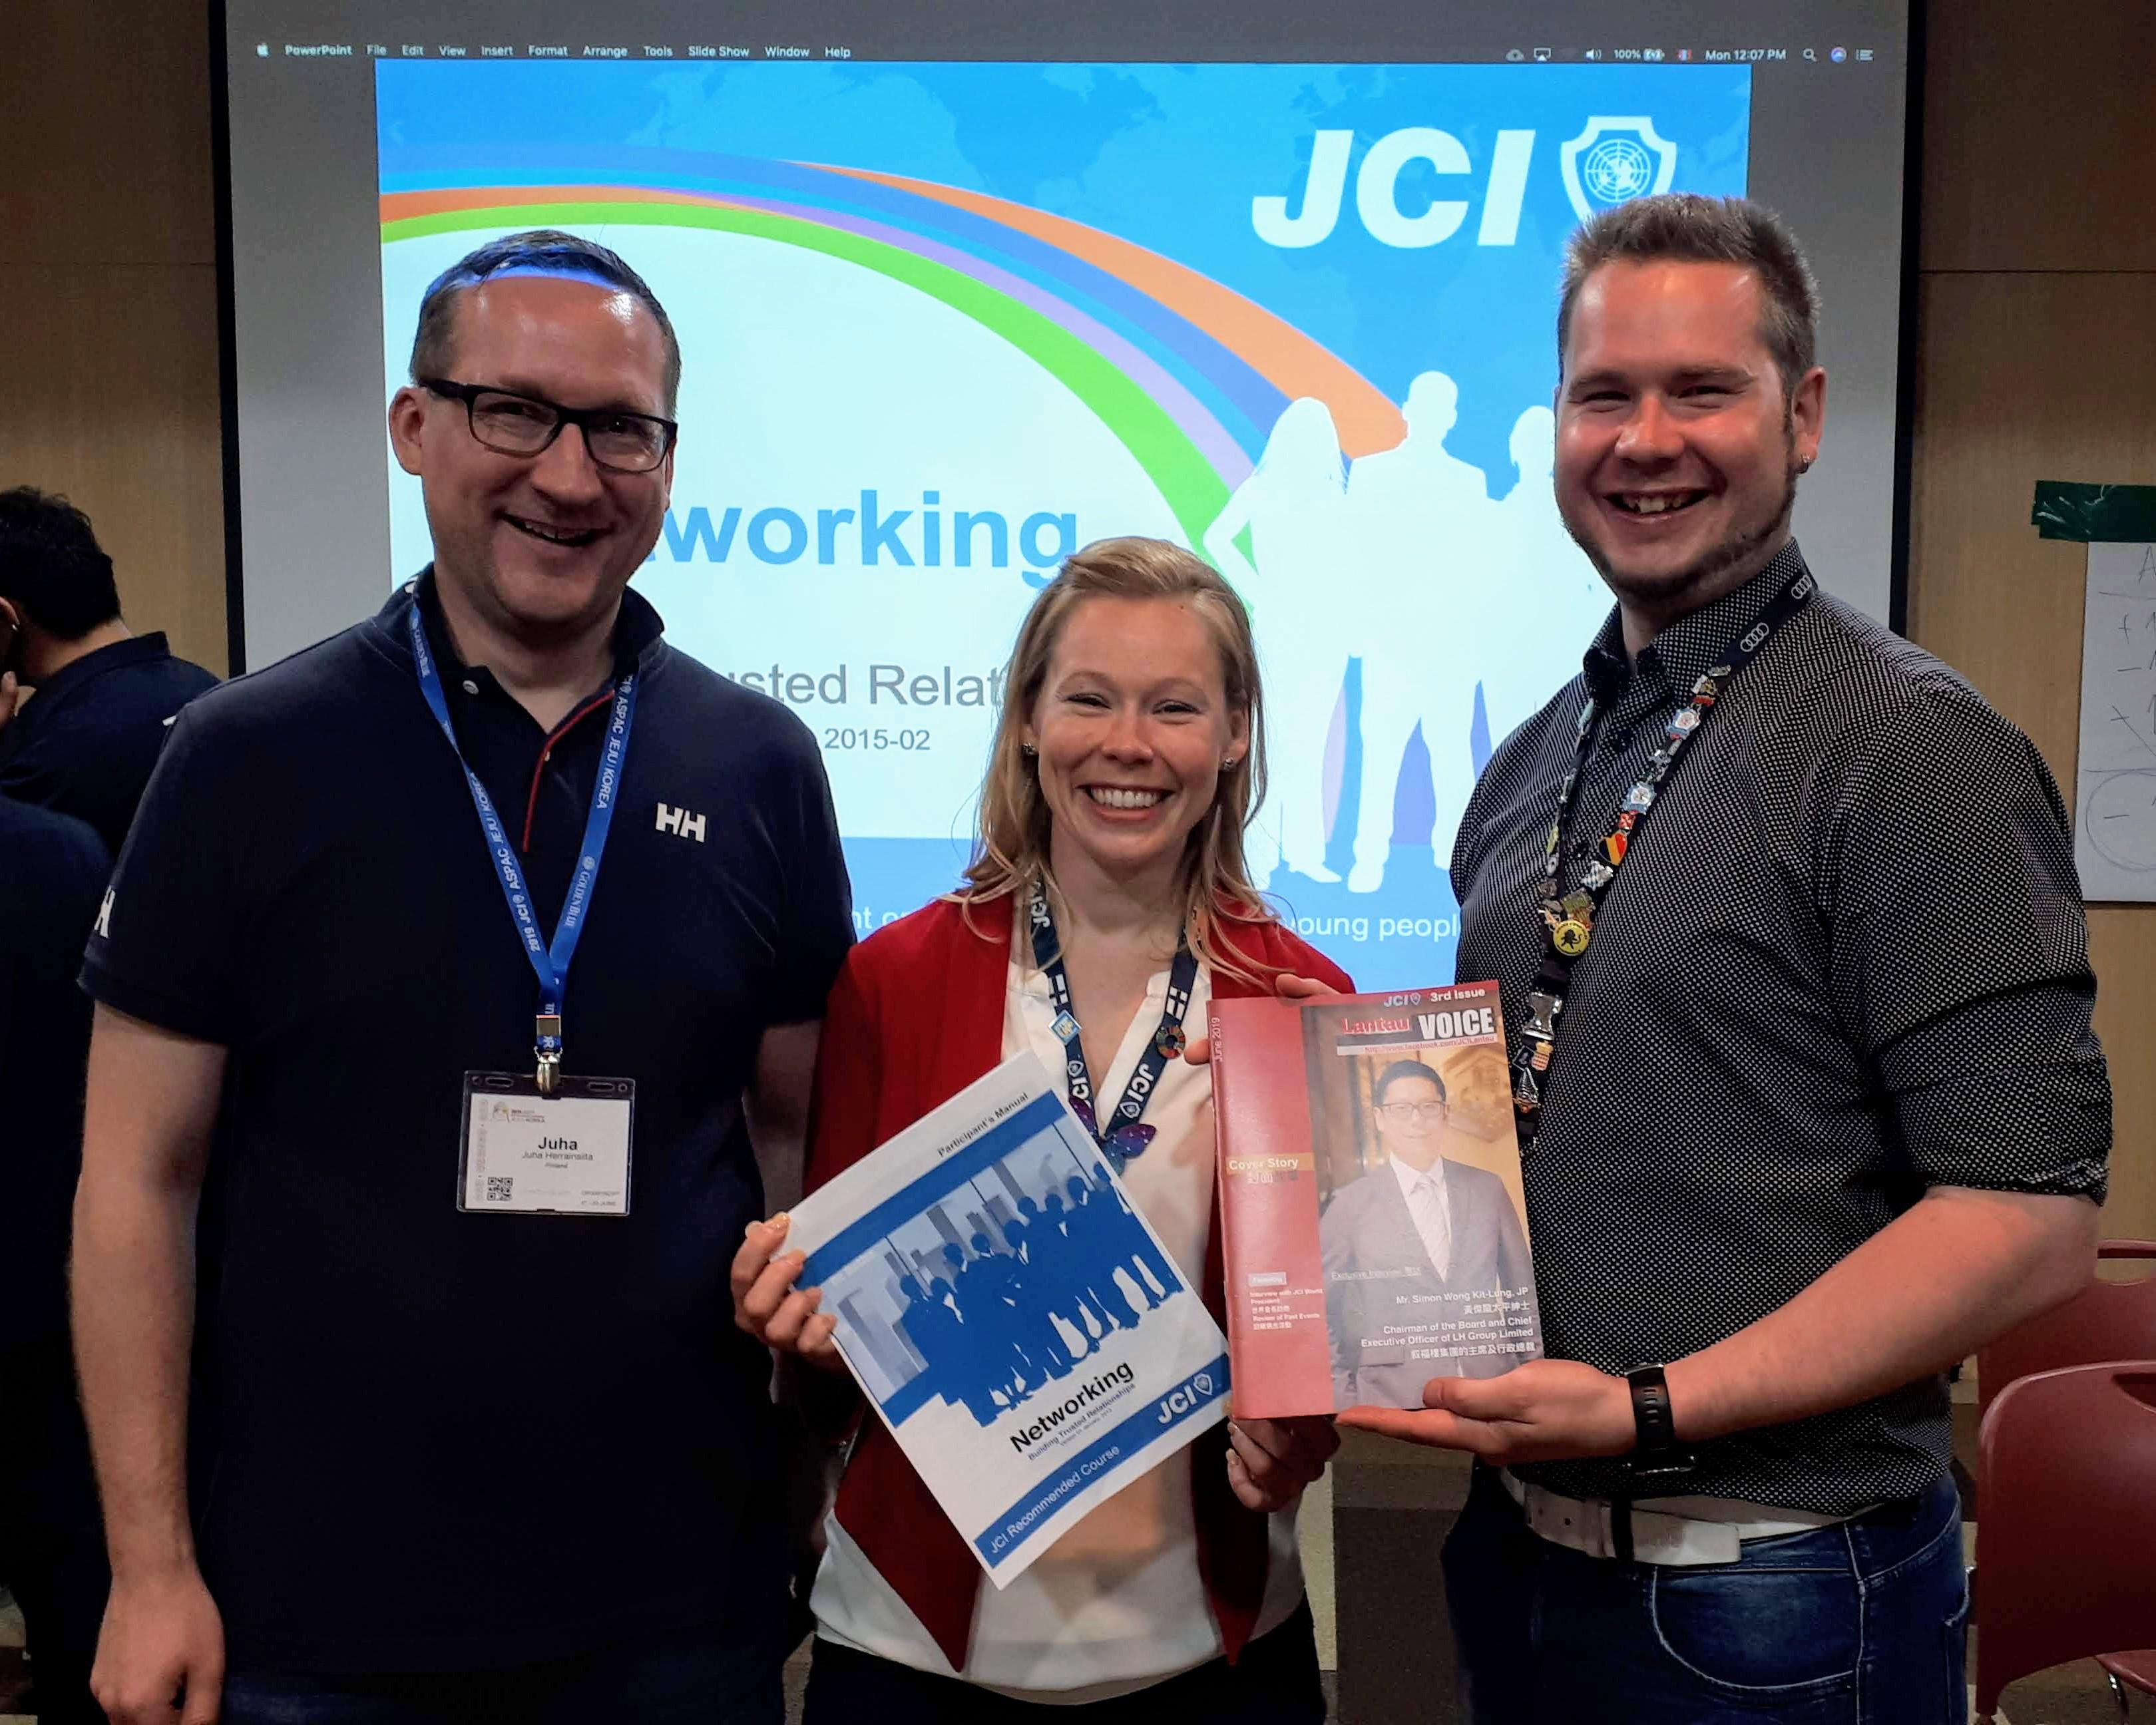 JCI Networking